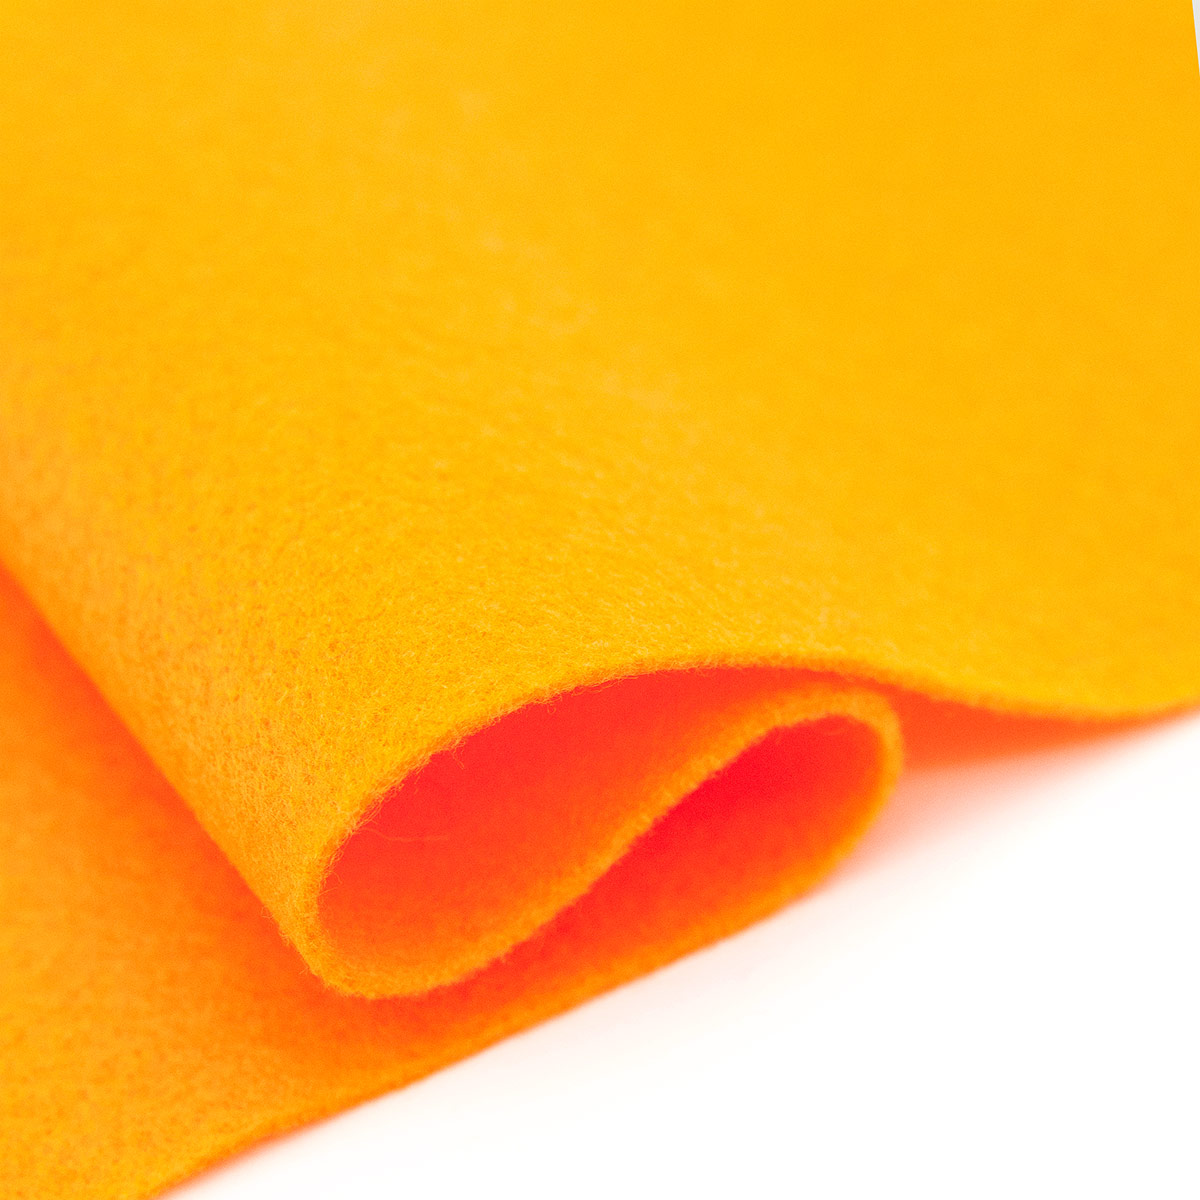 61212661 Фетр для творчества, оранжевый, 2мм, 20x30см, уп./1шт. Glorex